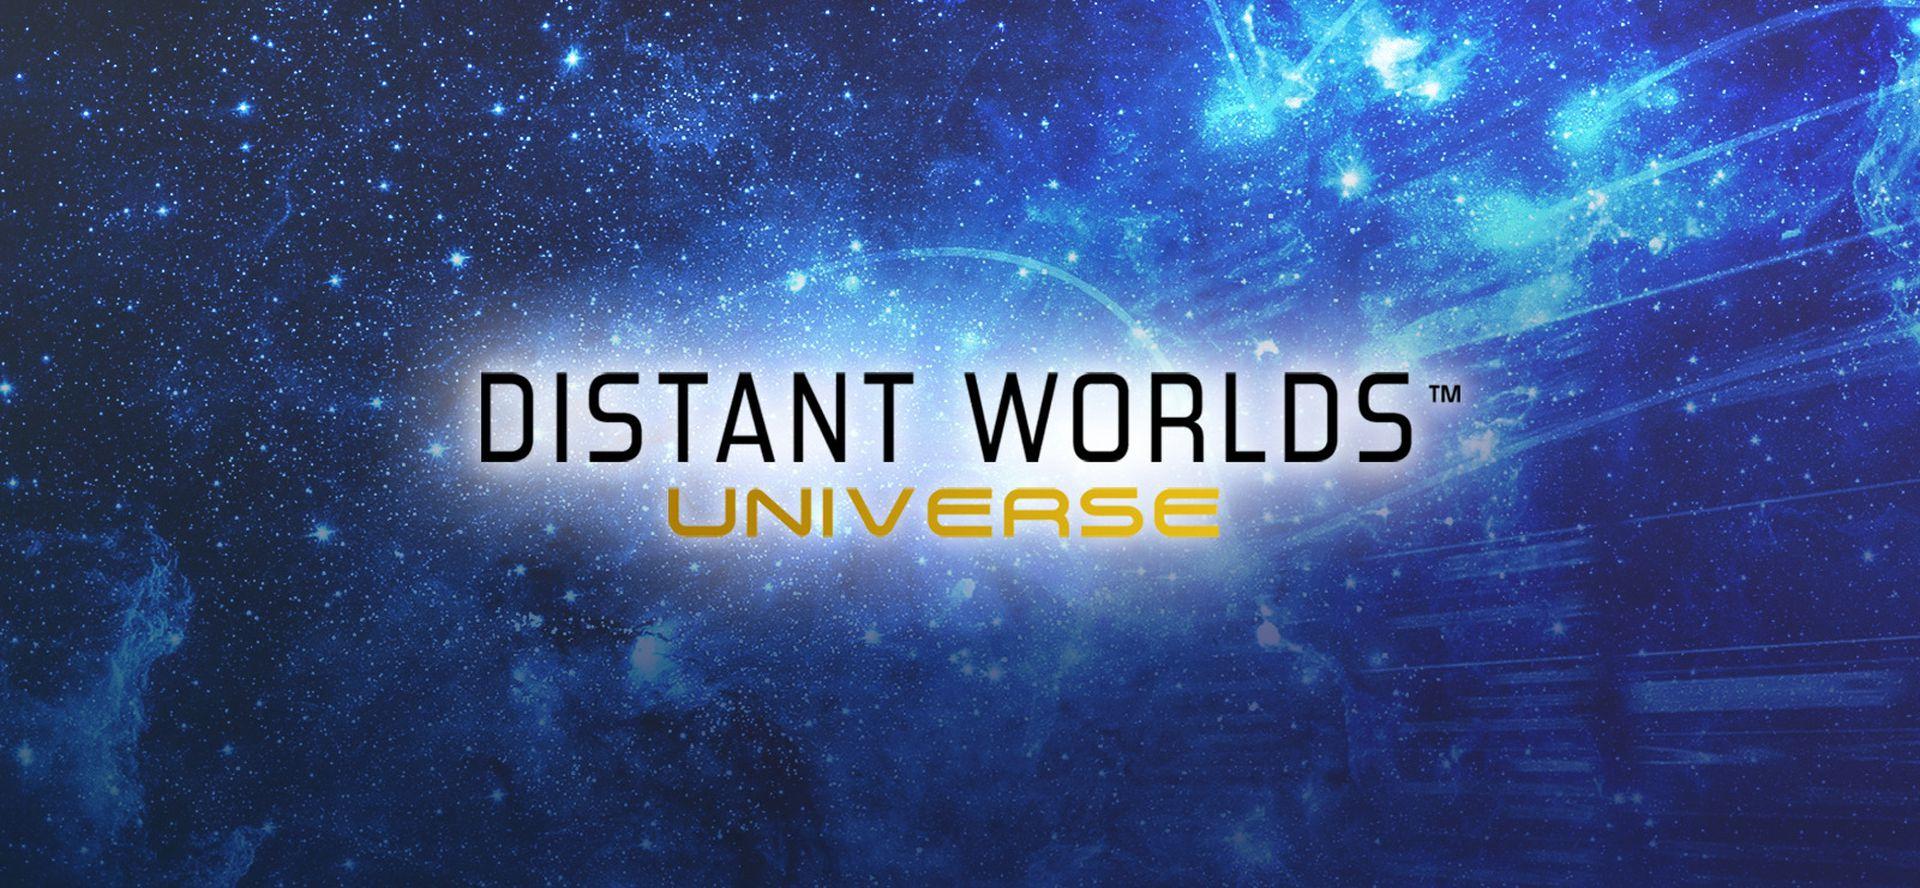 distant worlds 4x